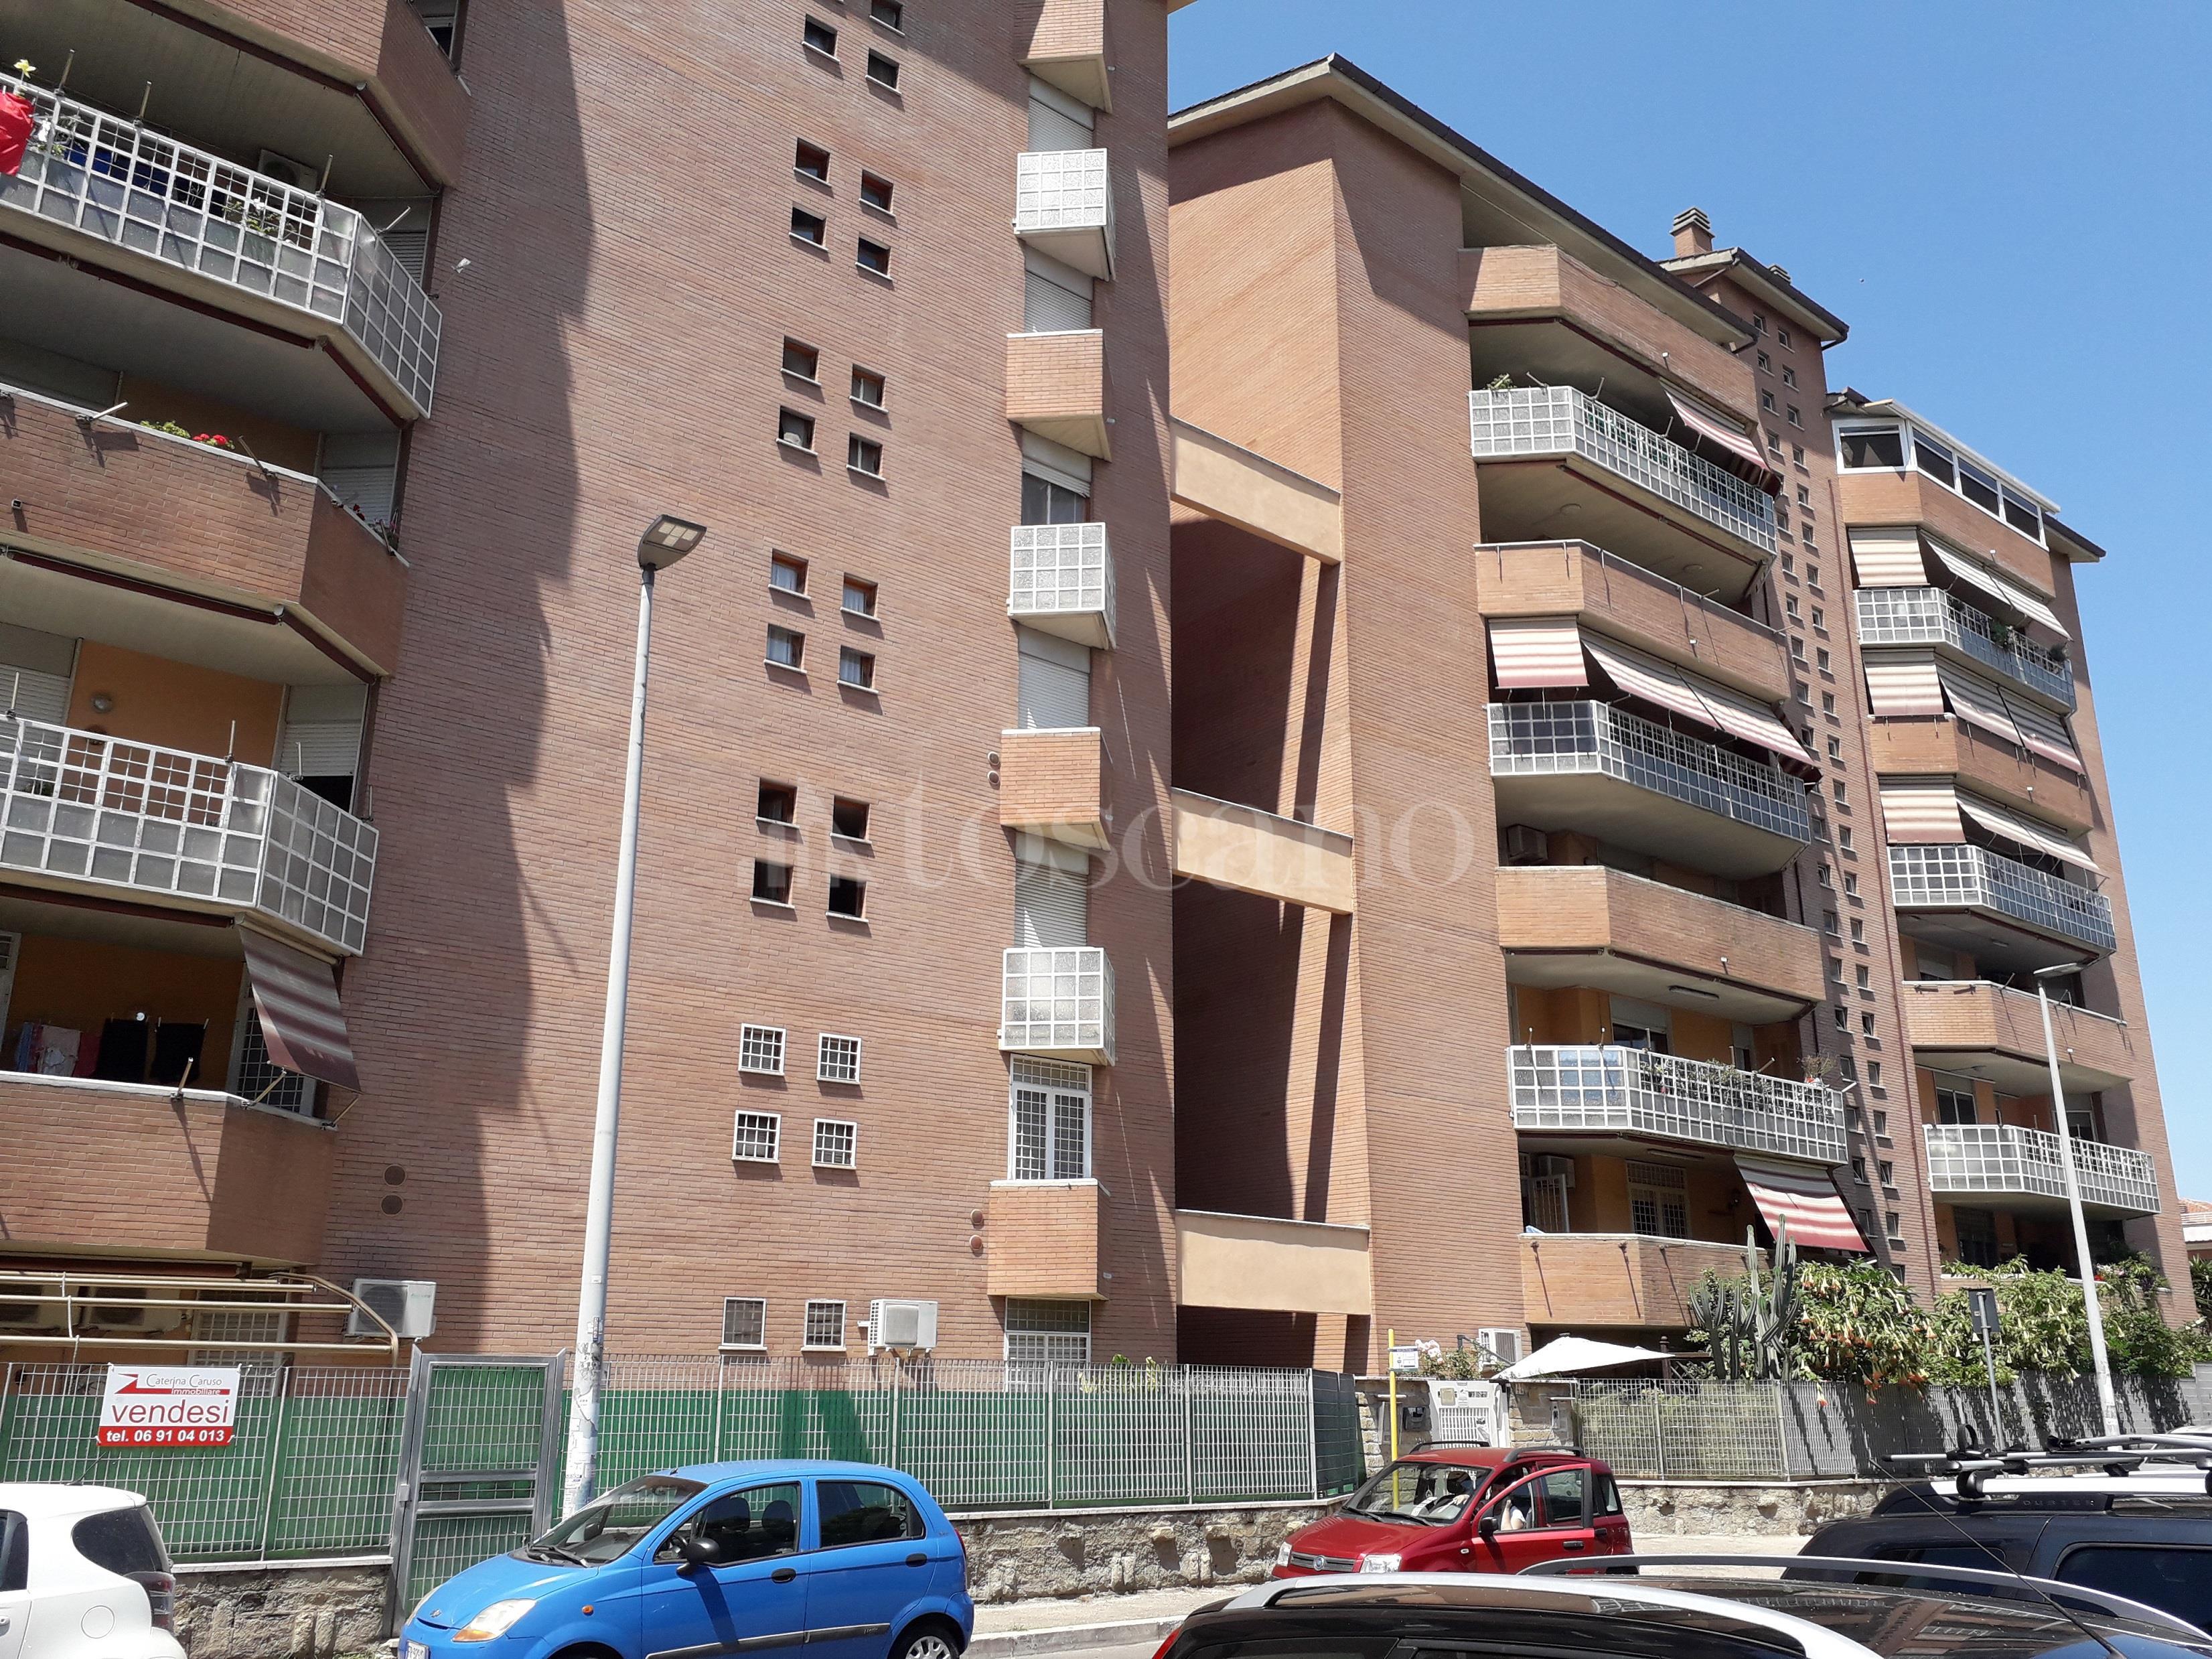 Casa in vendita di 110 mq a €249.000 (rif. 47/2021)